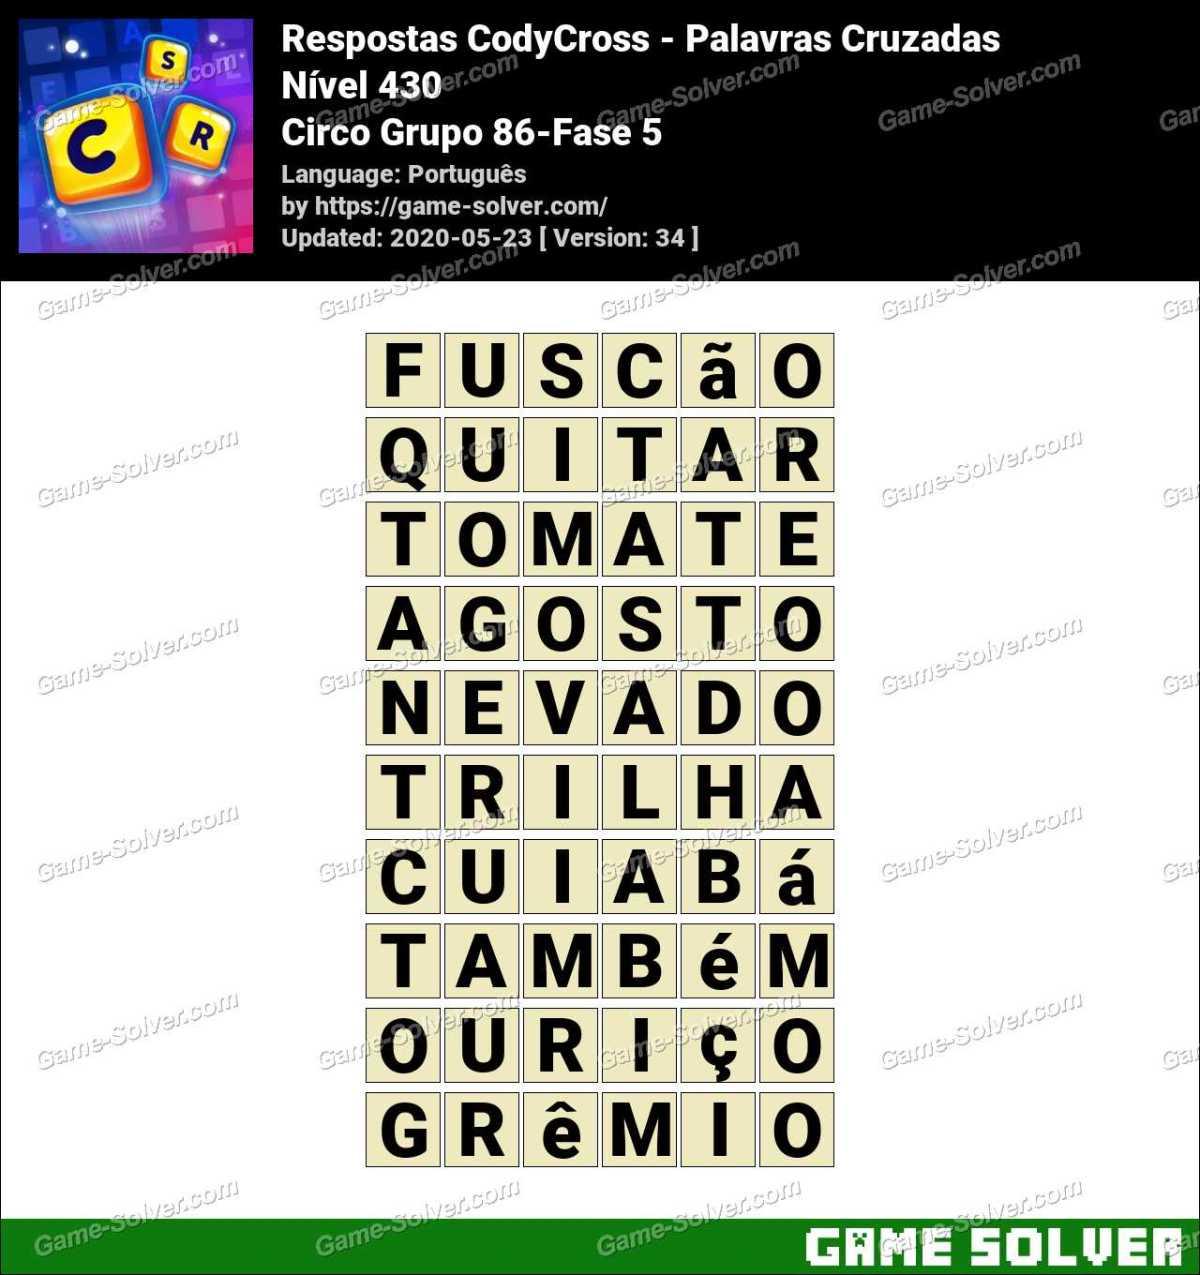 Respostas CodyCross Circo Grupo 86-Fase 5